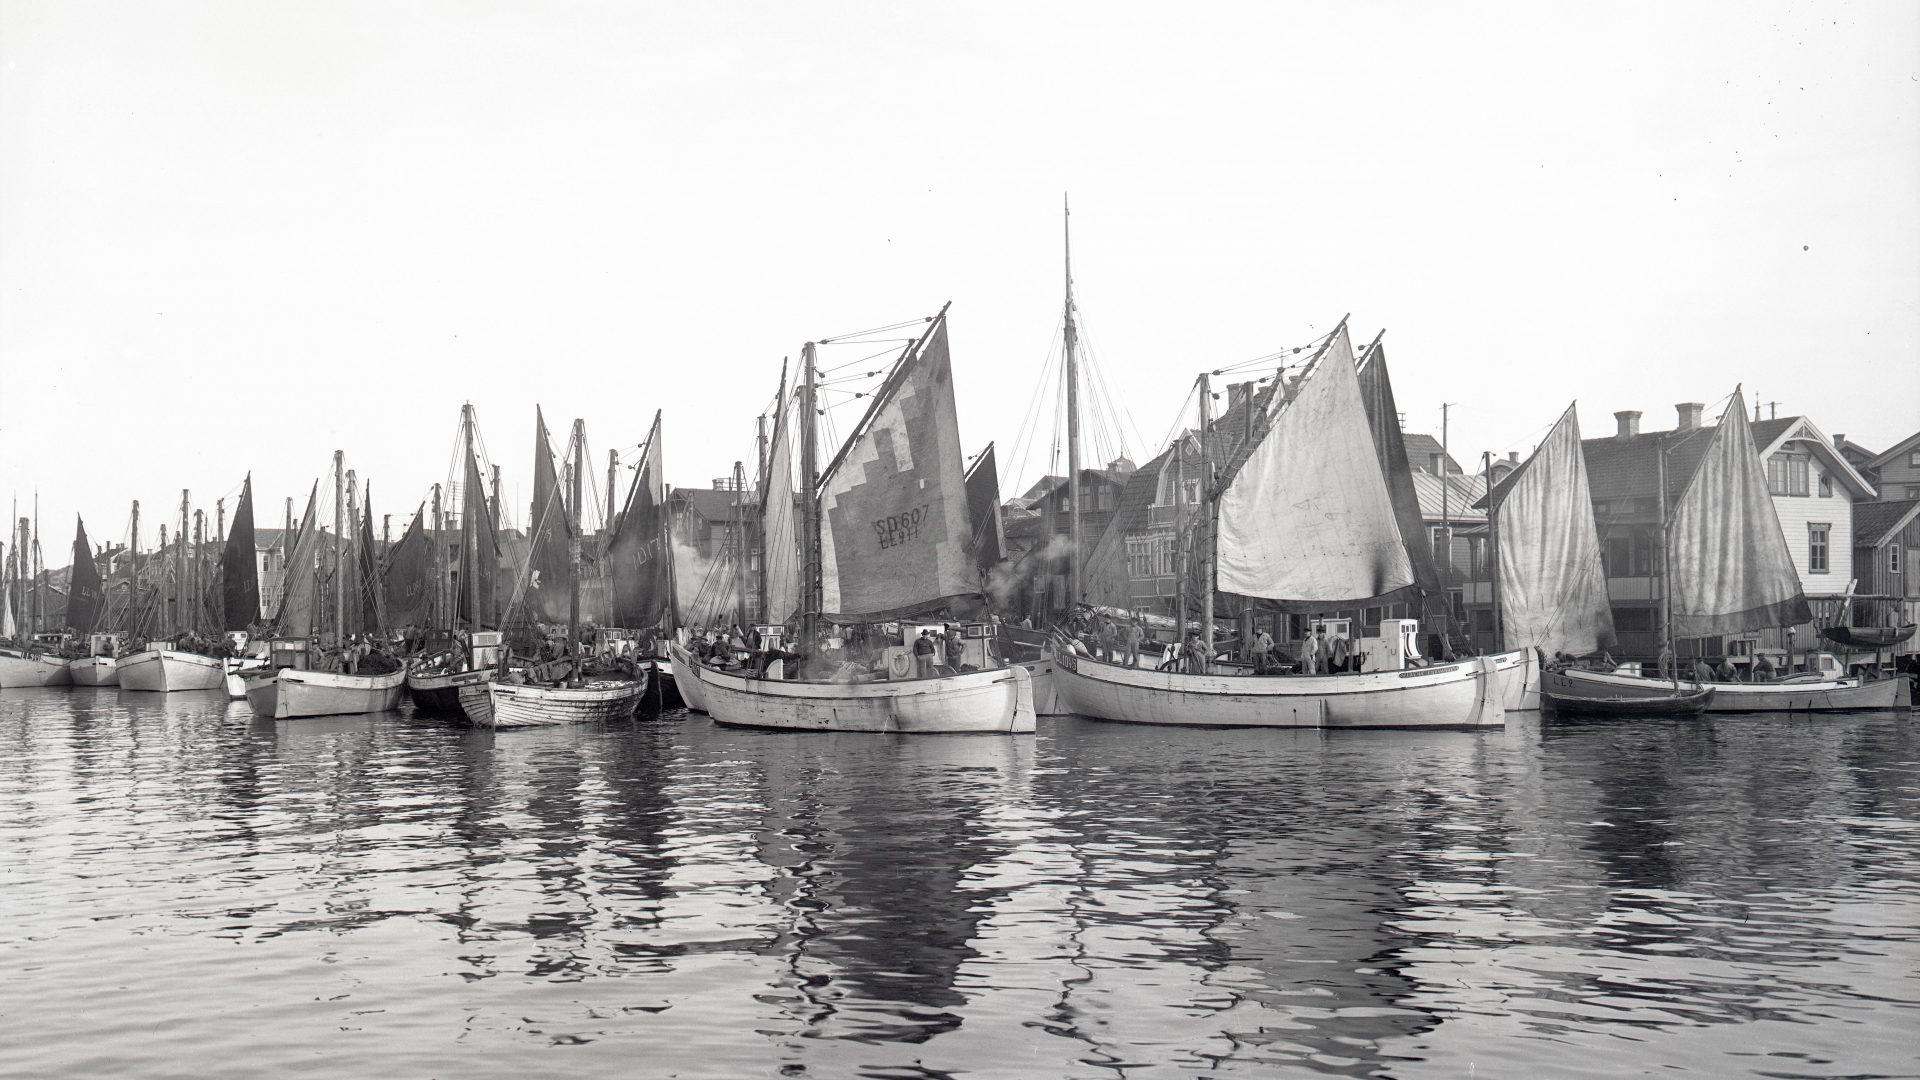 Ett flertal fiskebåtar med segel framför en fiskeby.